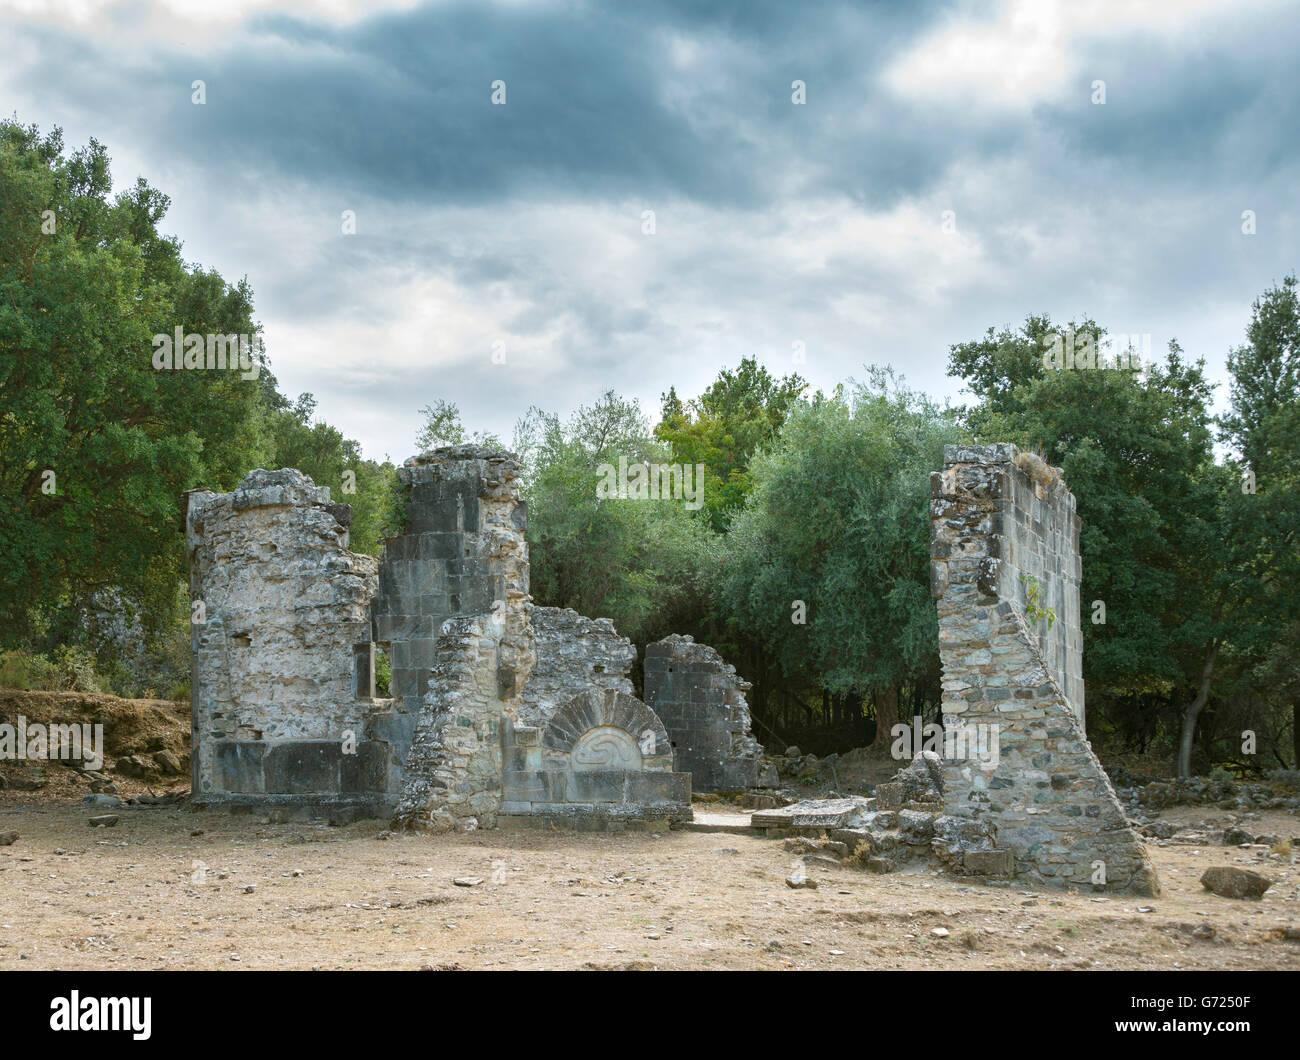 Ruine der Kirche von Santa Maria di Riscamone, bewölkten Himmel, Valle-di-Rostino, Haute-Corse, Korsika, Frankreich Stockbild